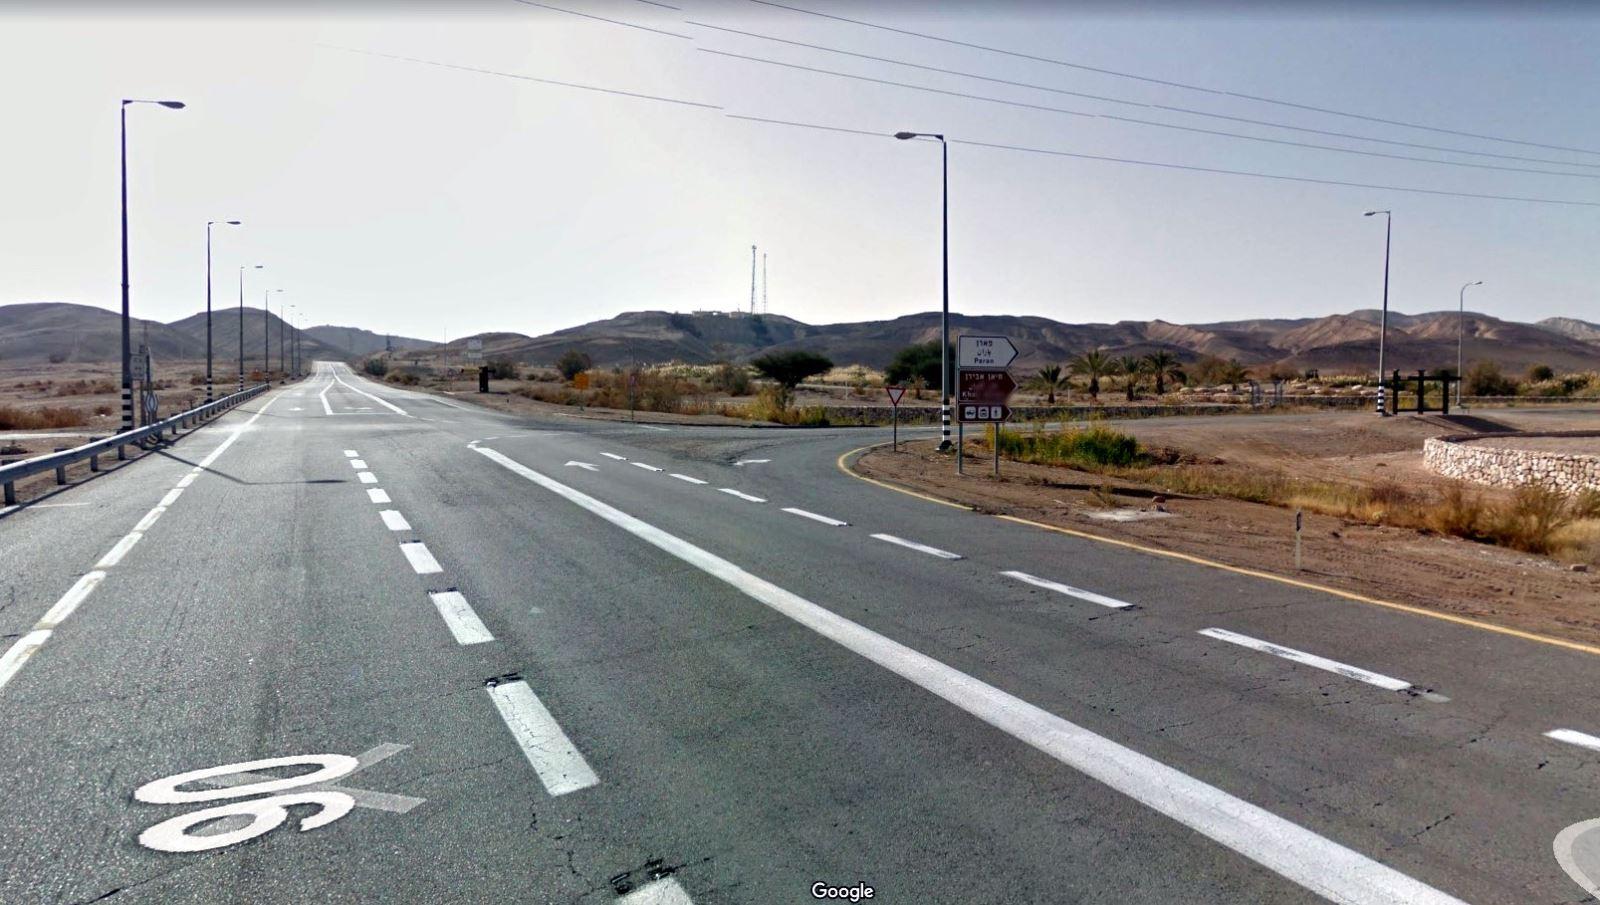 משטרת ישראל חסמה את כביש 90 לתנועה בשל תאונה מטופלת